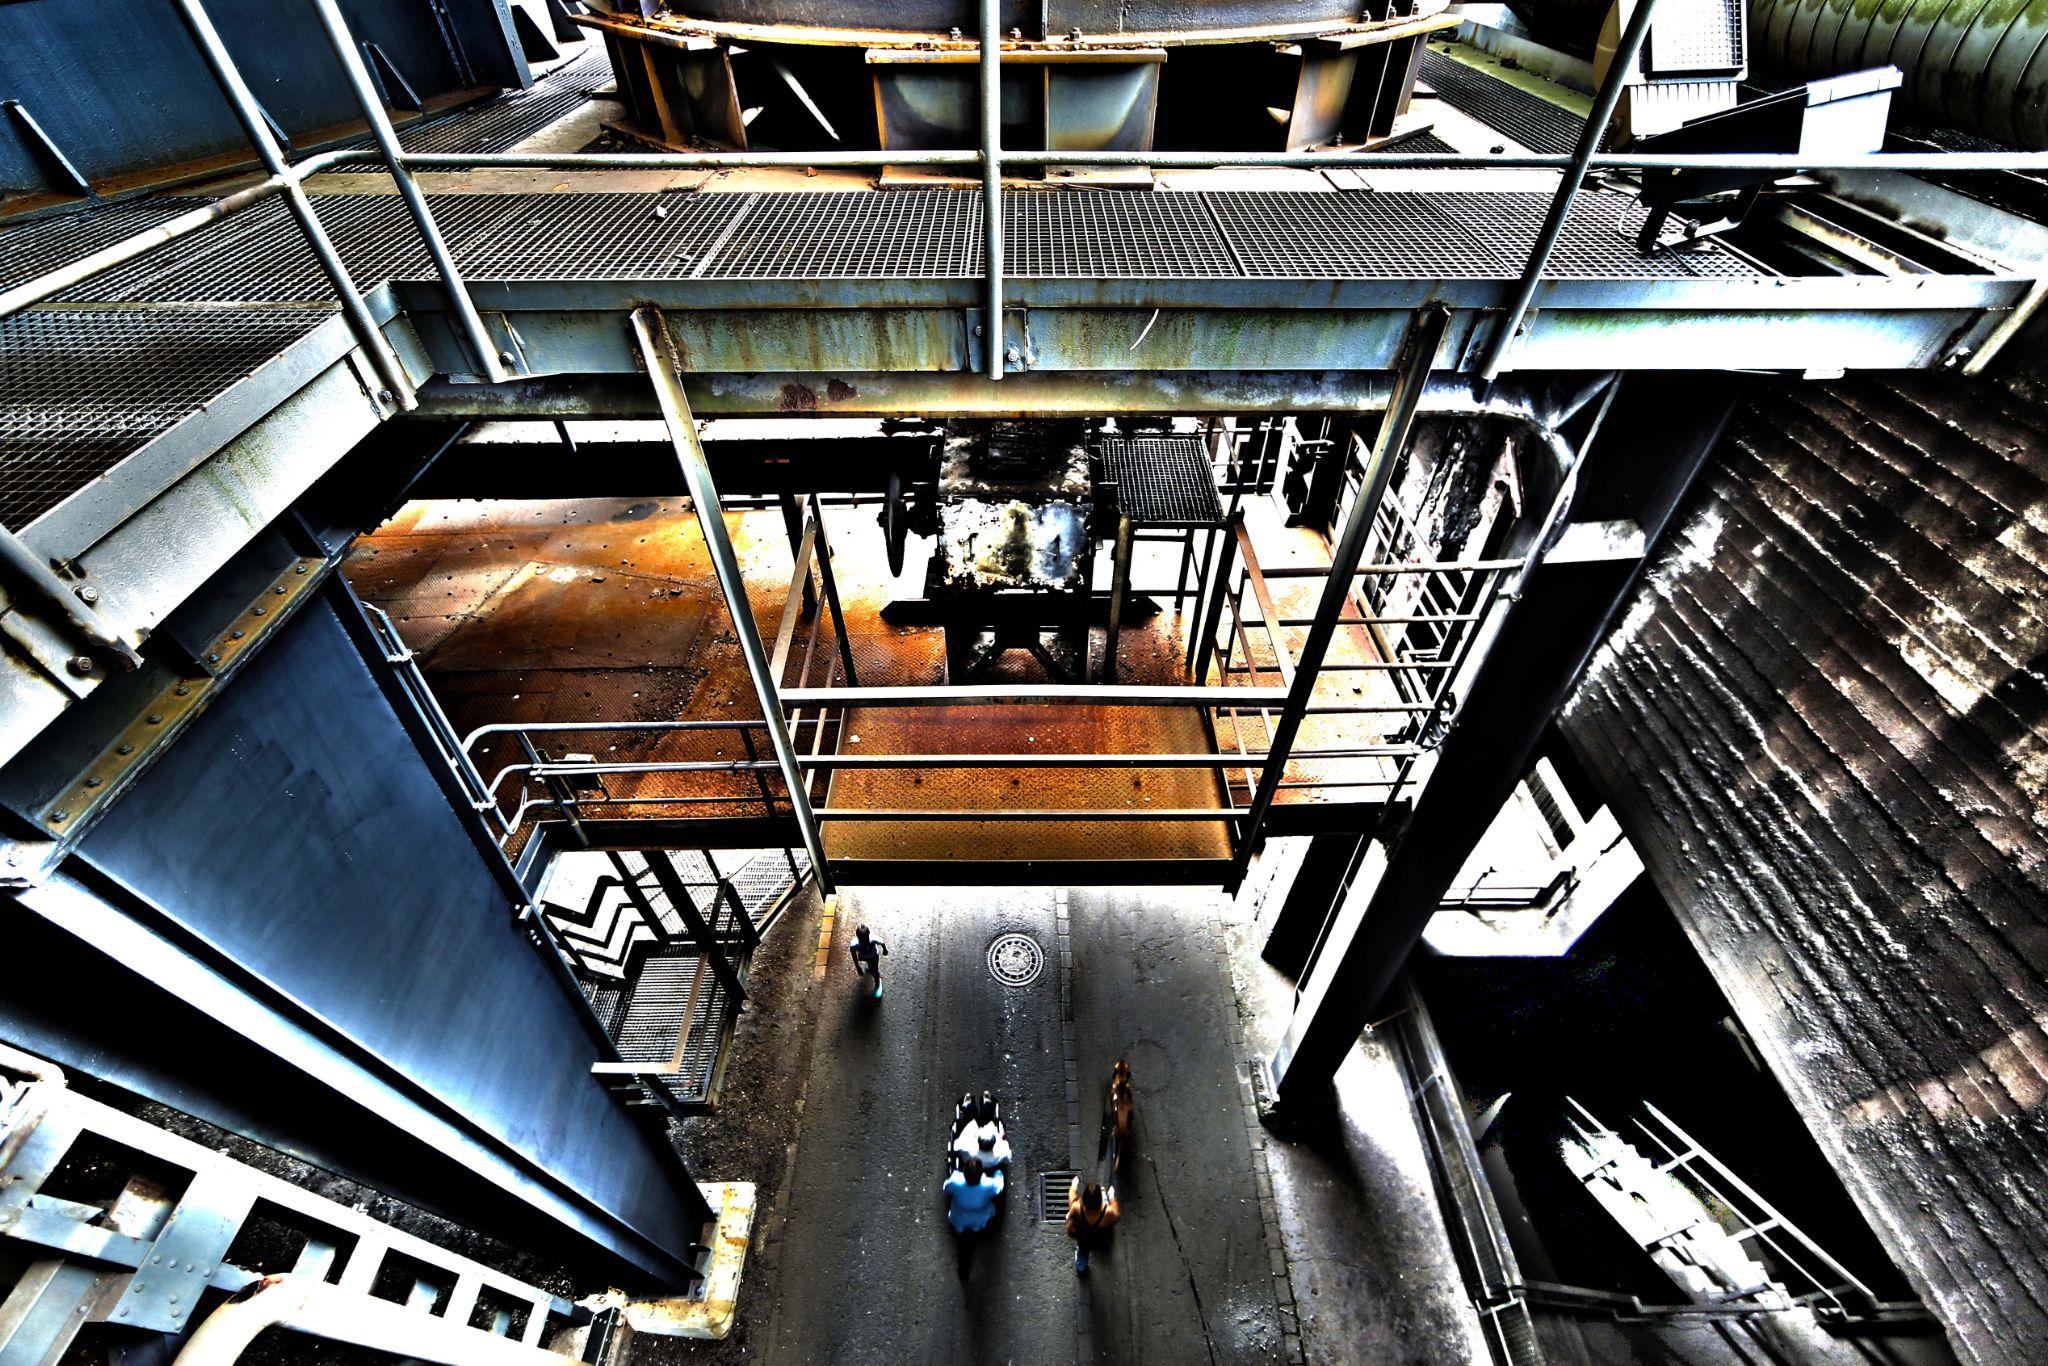 Industriezauber by Jürgen Cordt